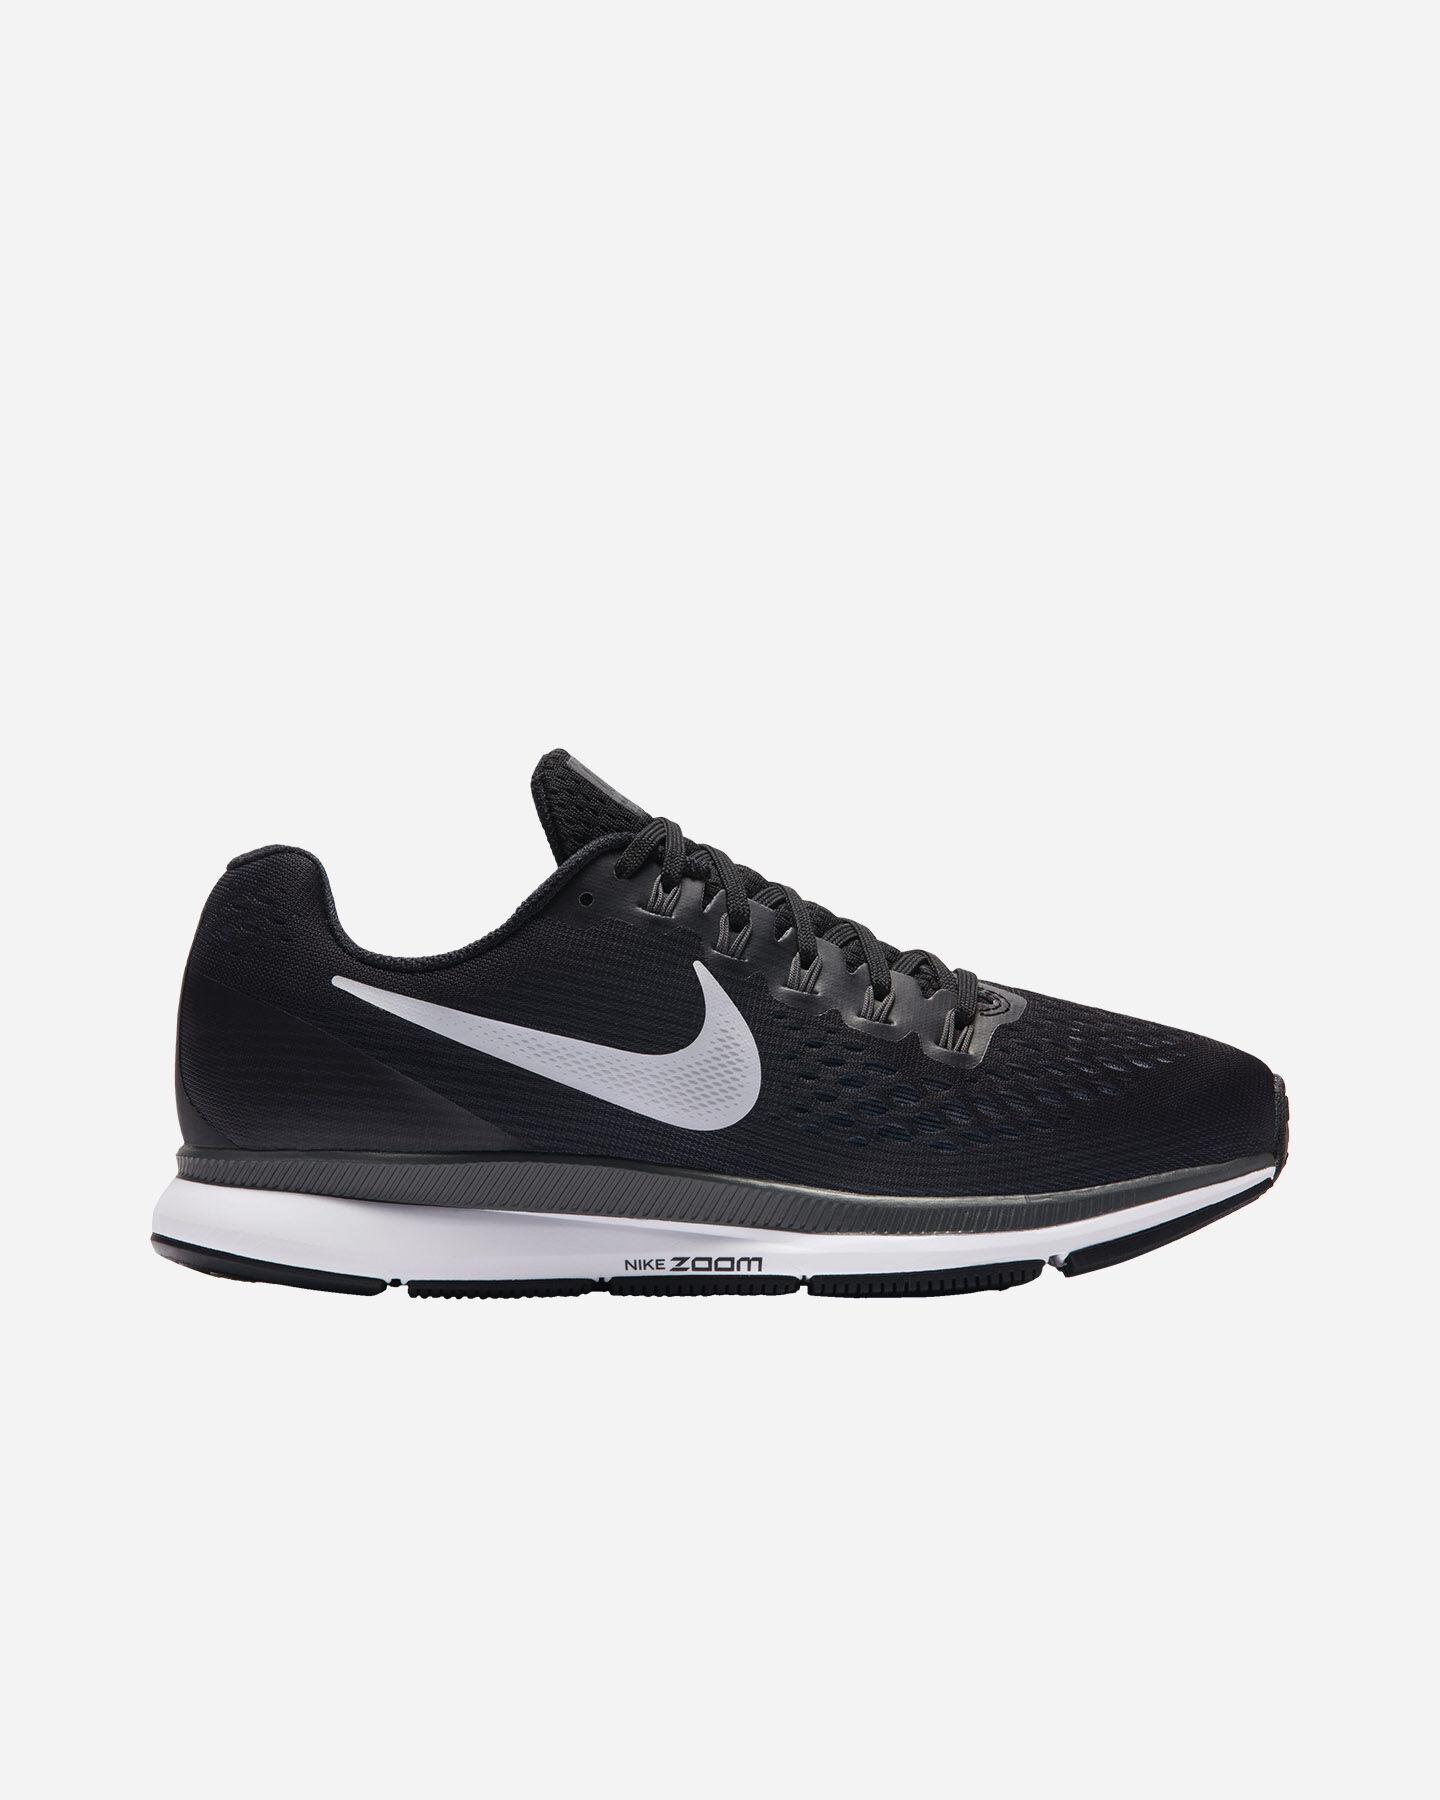 scarpe nike pegasus 28